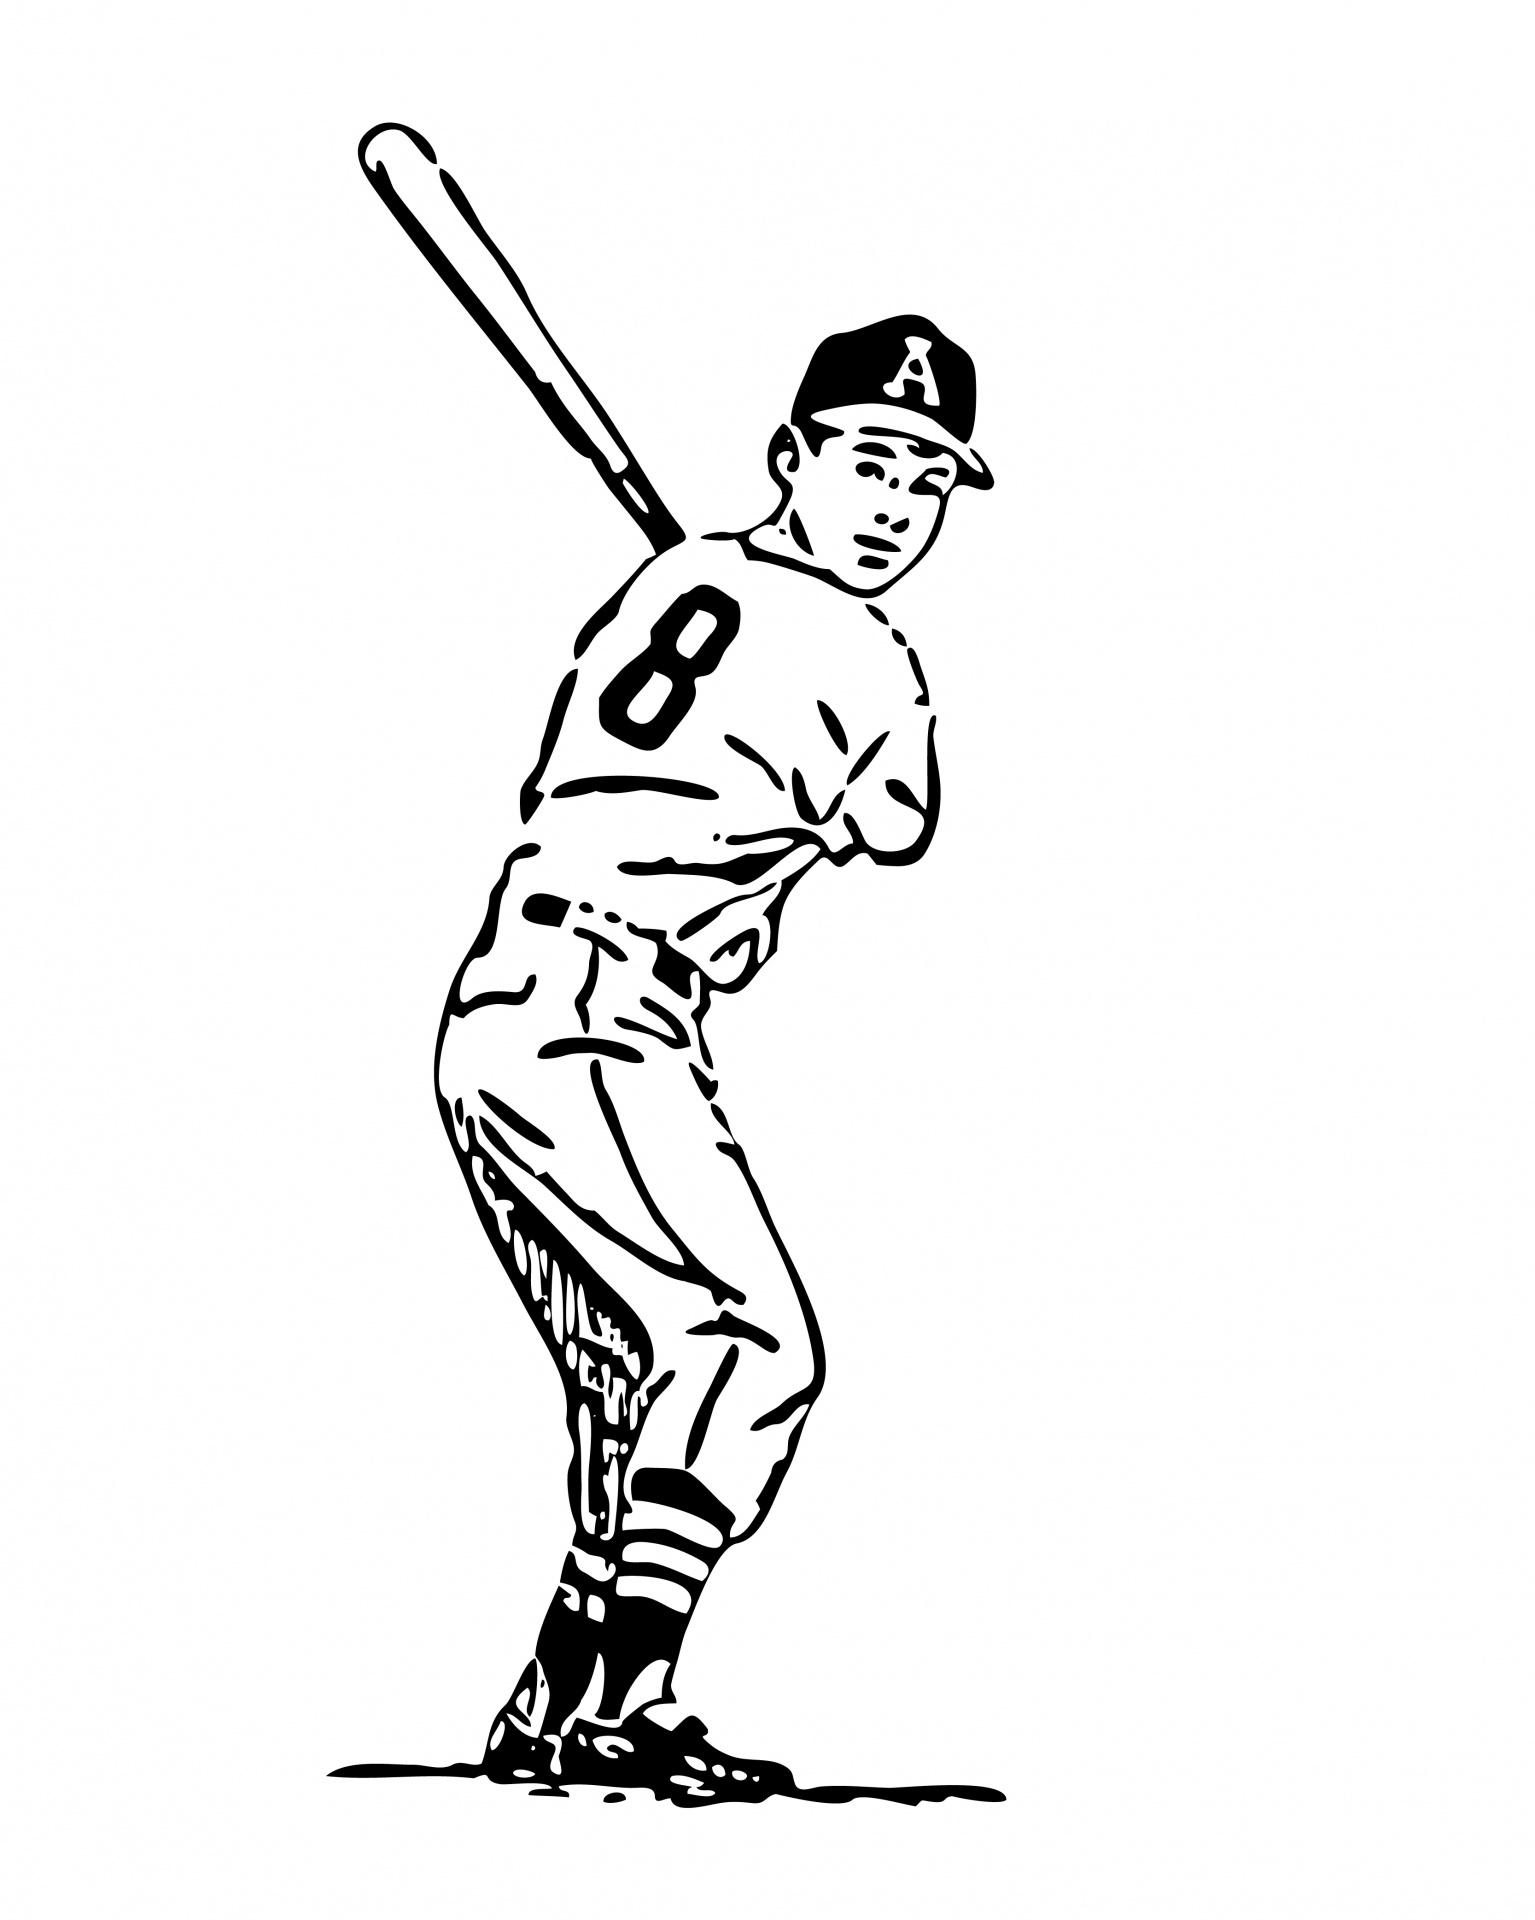 Baseball Batter Clipart Line Art Free Stock Photo.